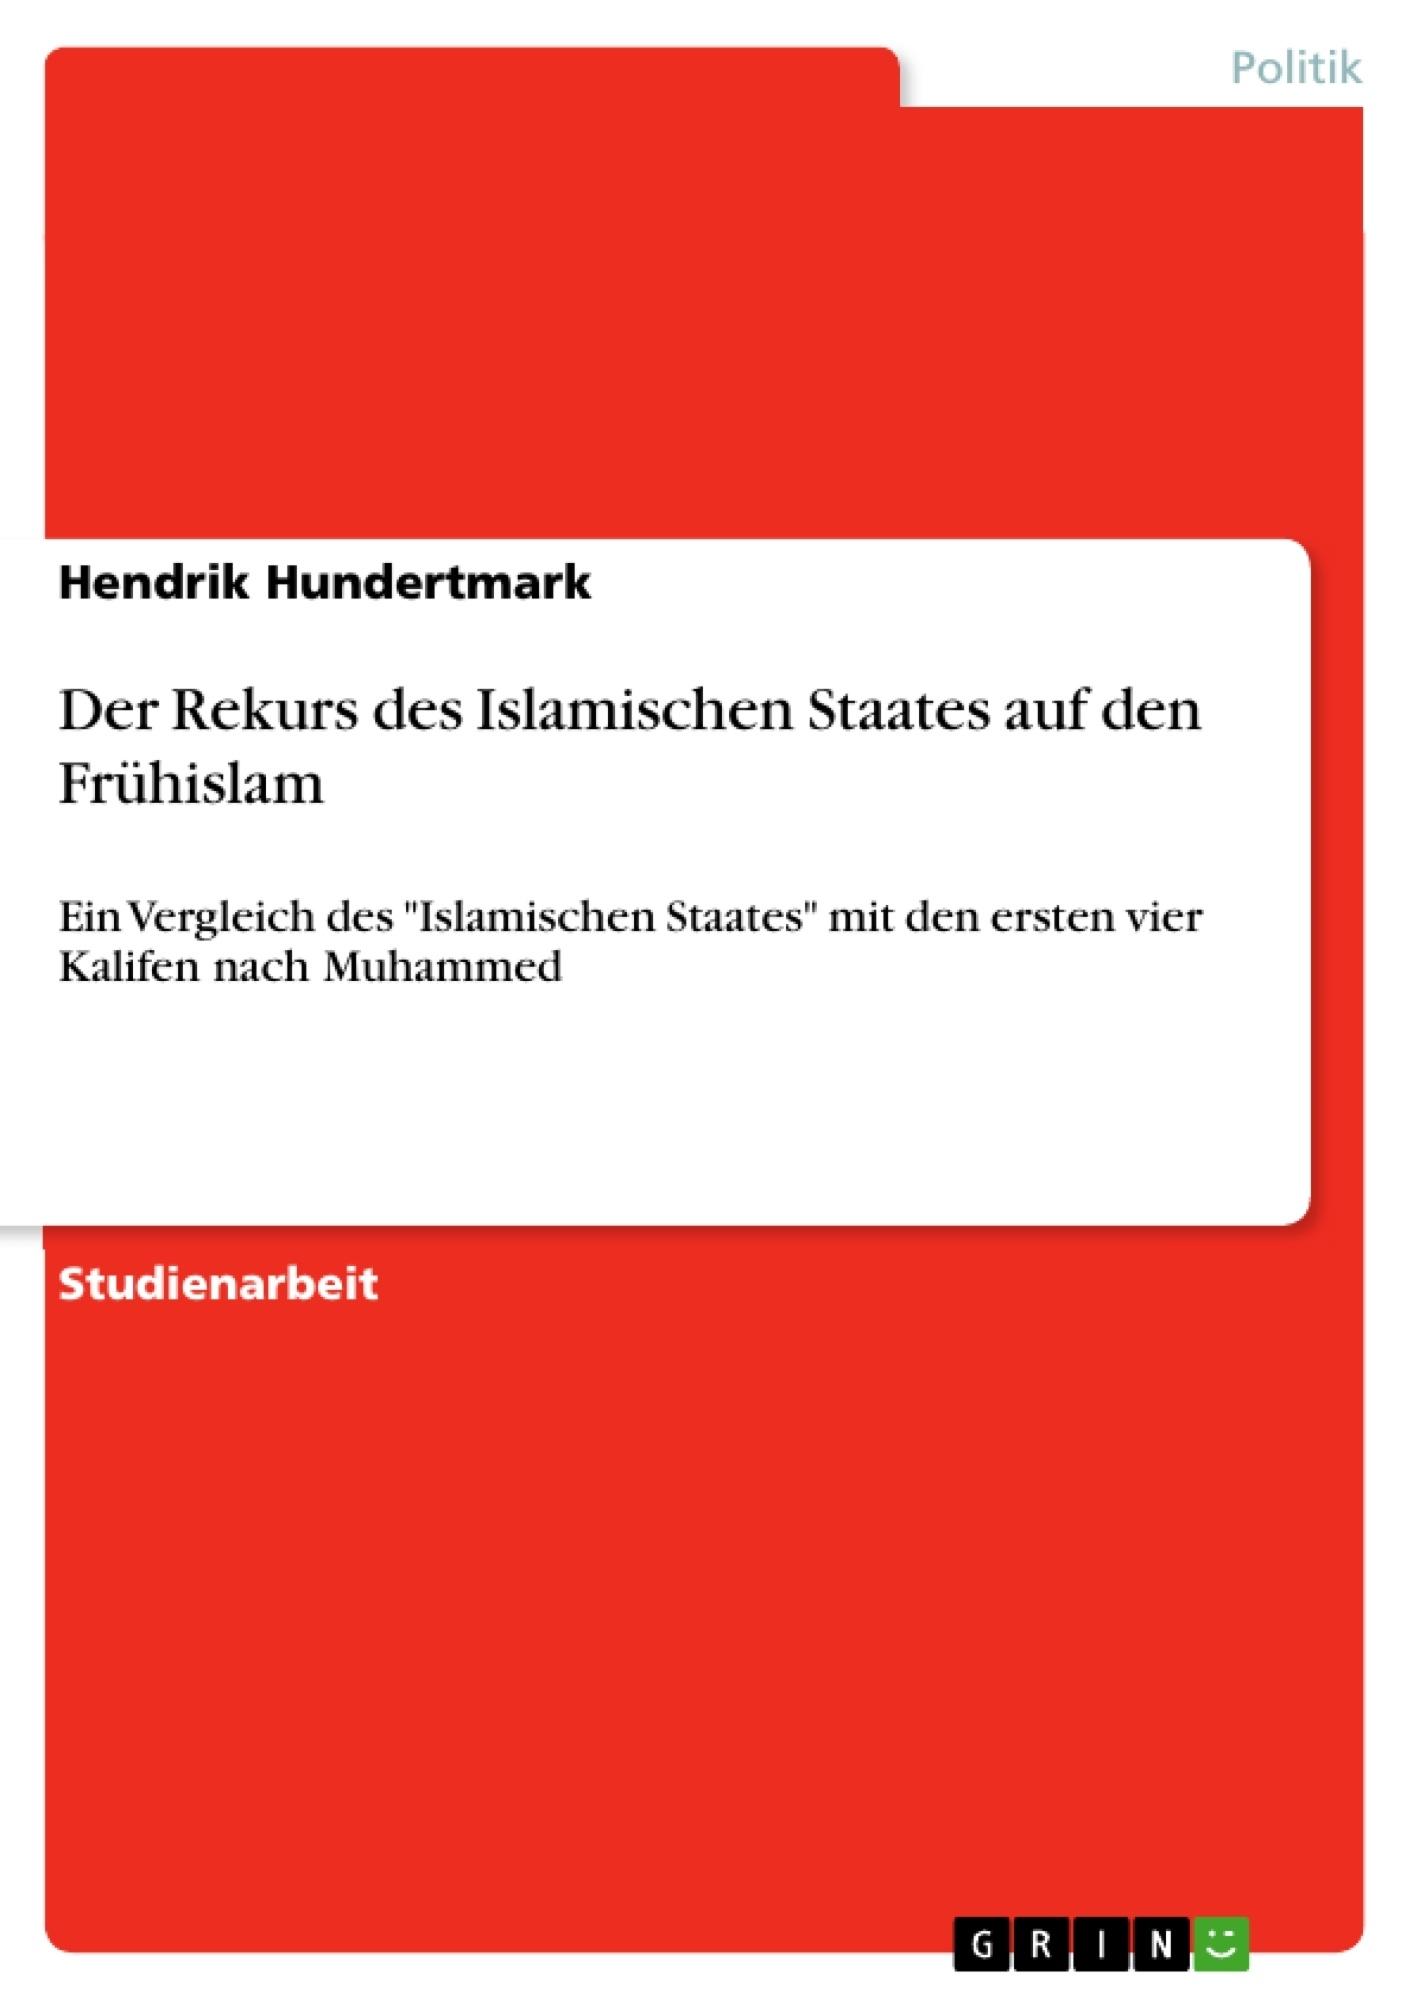 Titel: Der Rekurs des Islamischen Staates auf den Frühislam